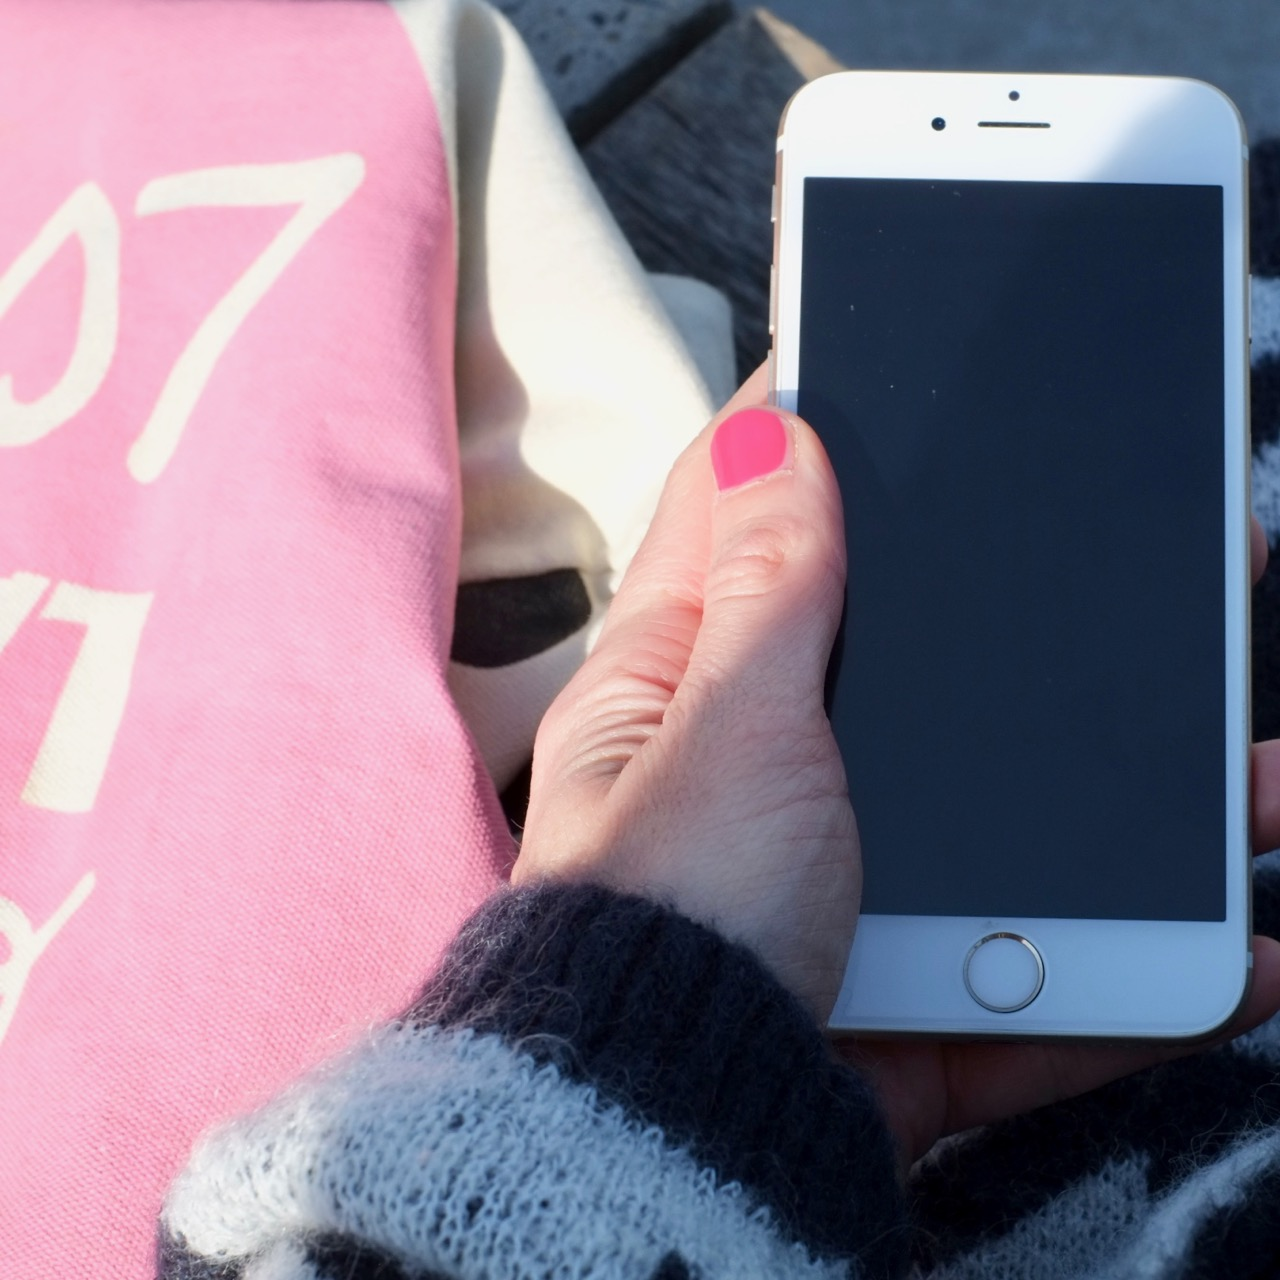 smartphones-phone-blog-blogger-herrundfraukrauss-eins